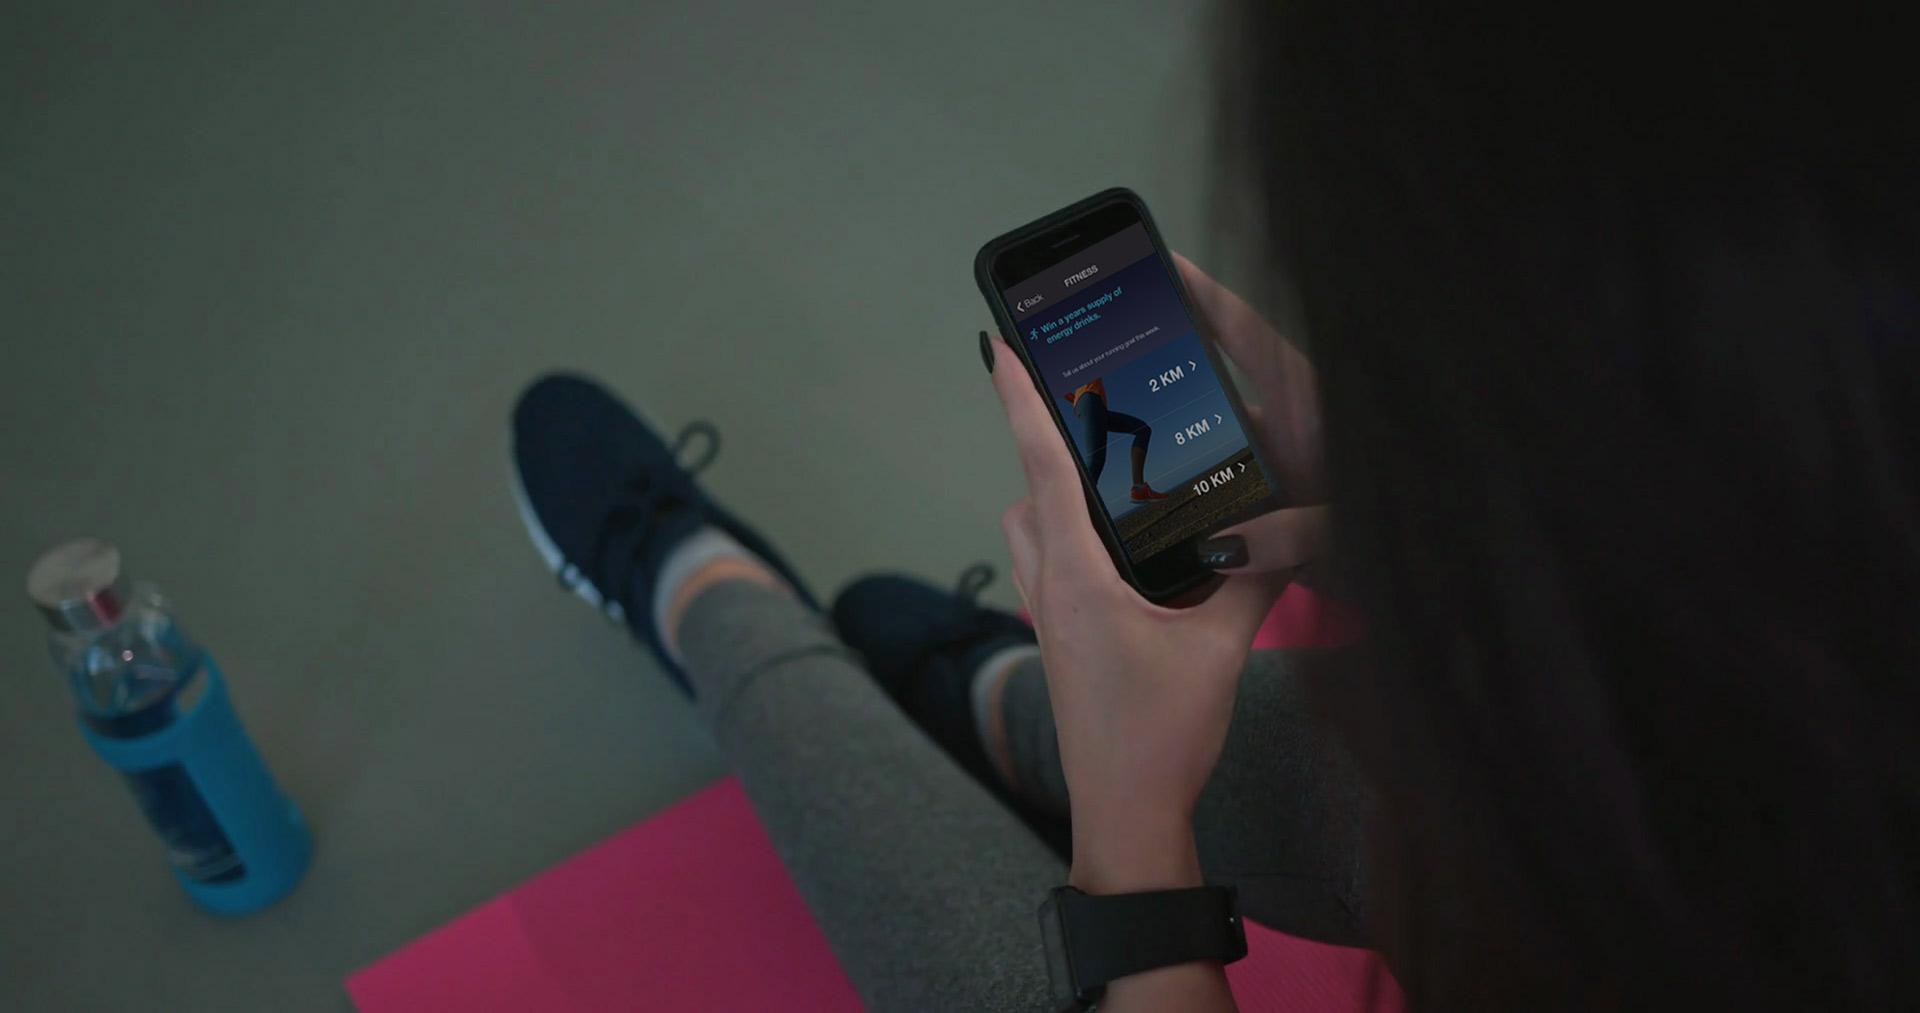 Digital Social App